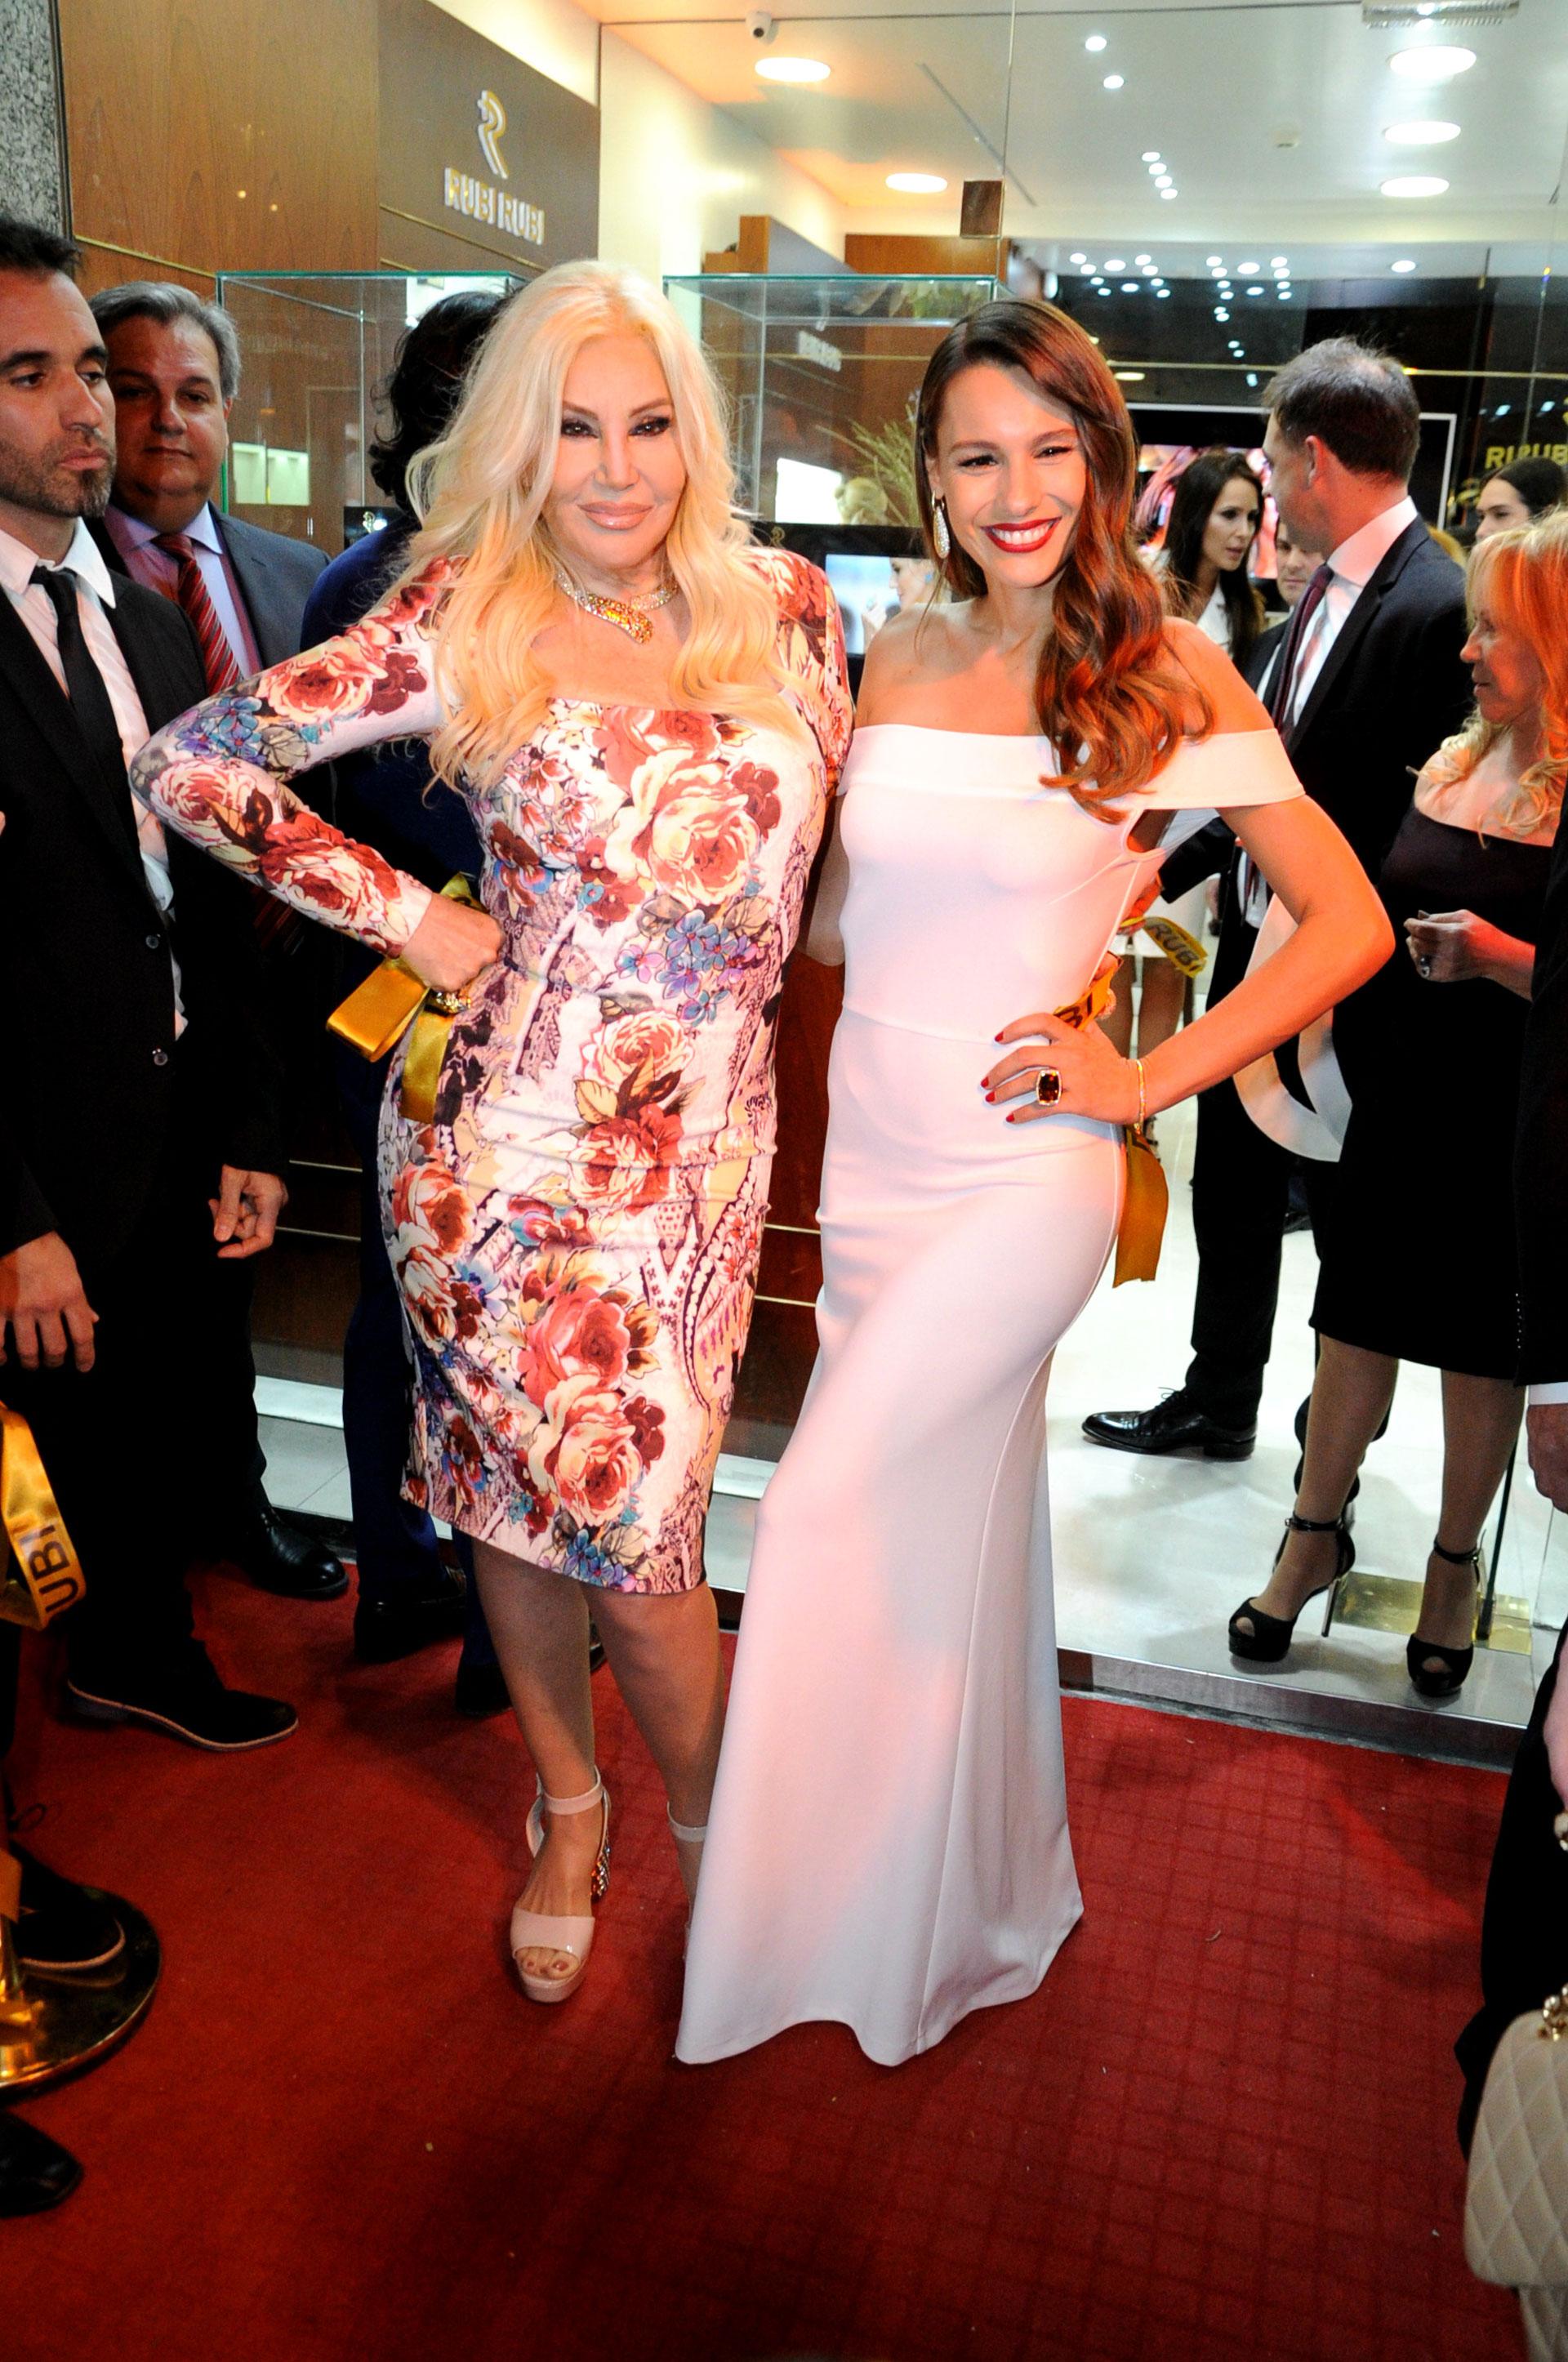 Susana Giménez y Pampita Ardohain lucieron muy elegantes y sensuales en la presentación de una nueva joyería en la Avenida Alvear (Teleshow)